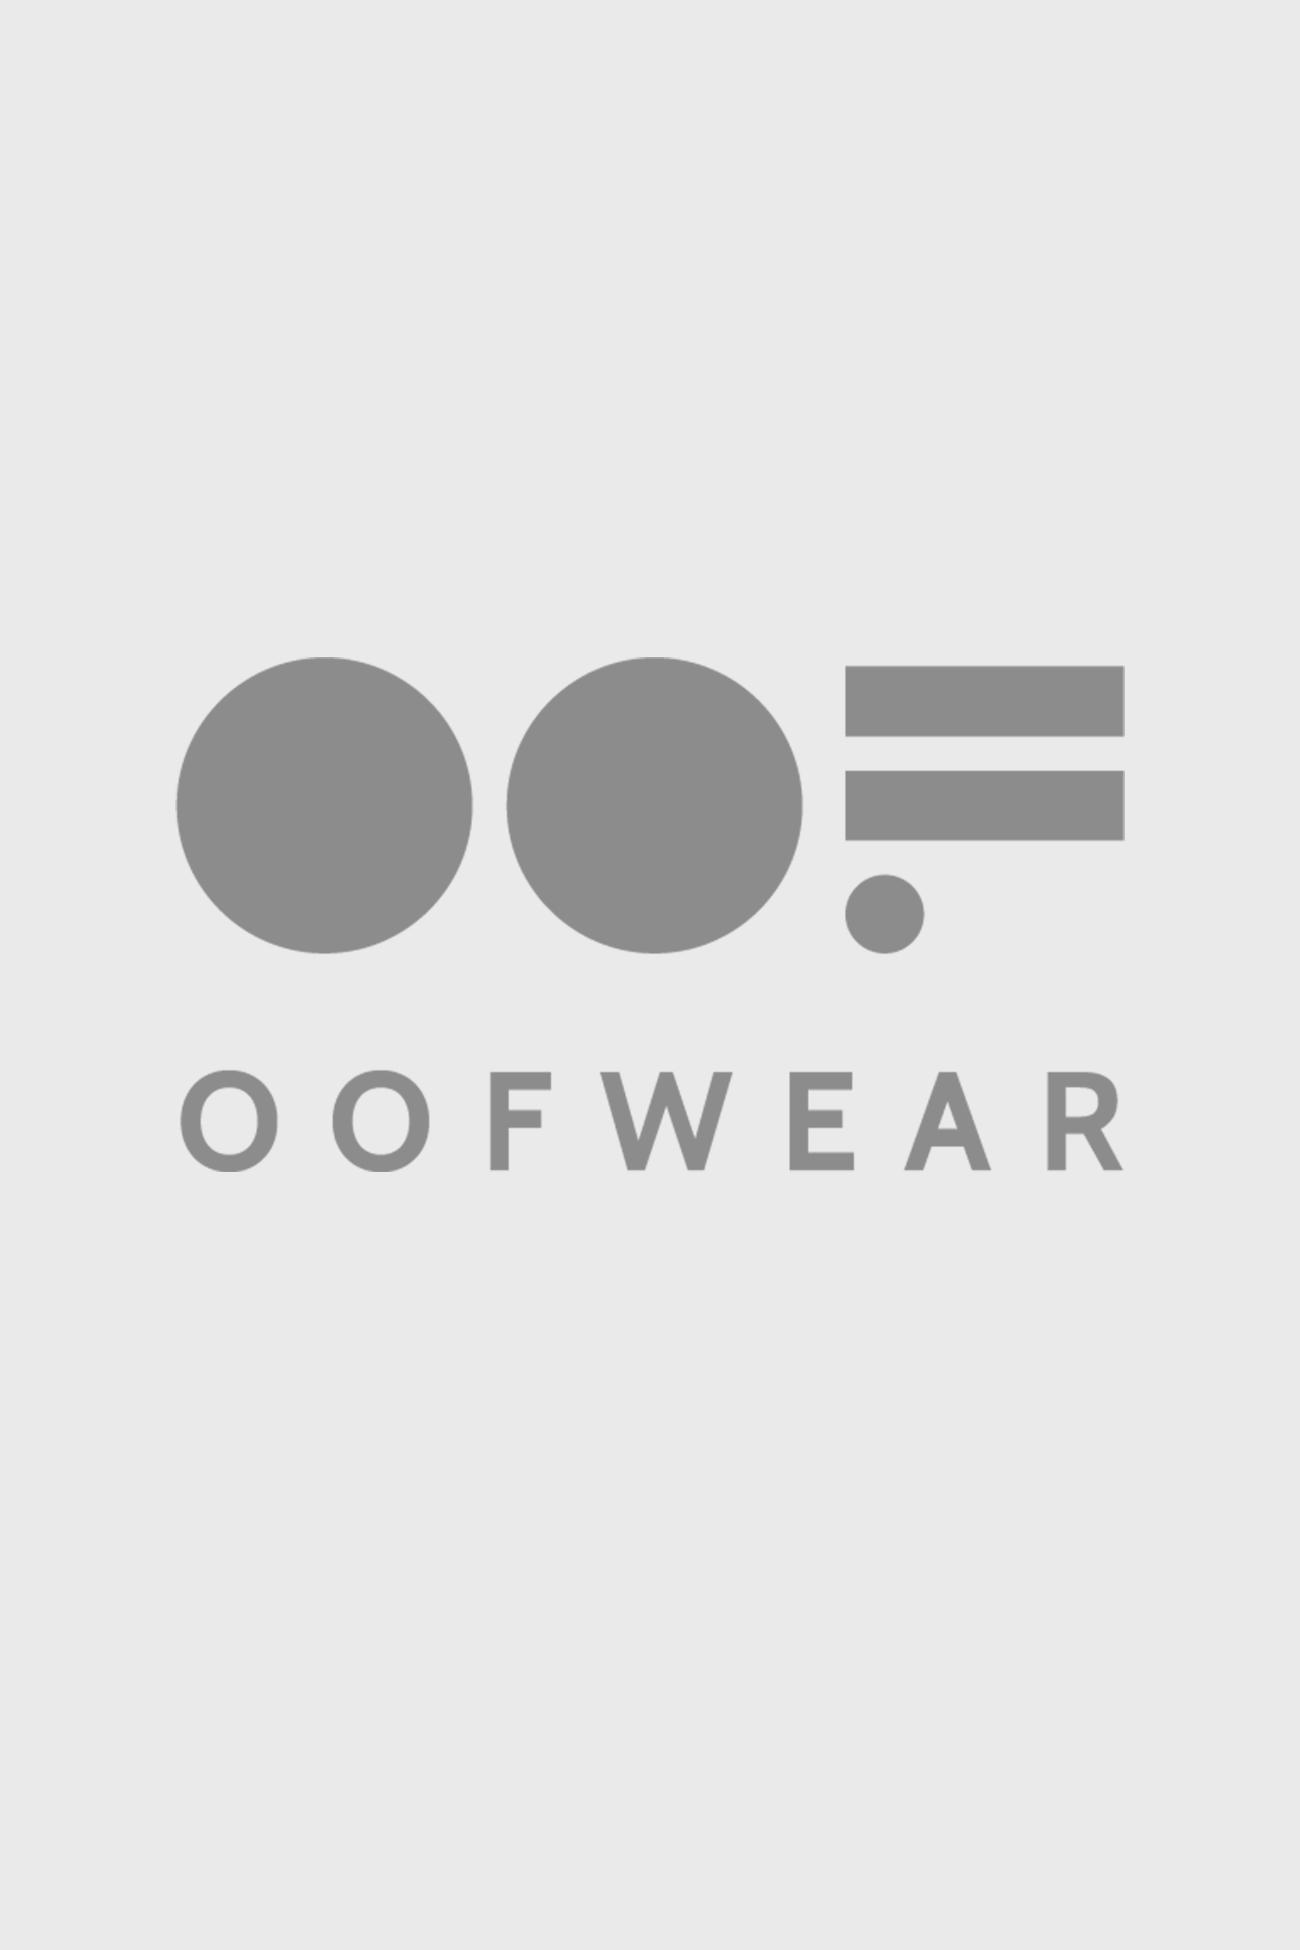 REVERSIBLE FAUX SHEEPSKIN BUCKET HAT 3005 - SAGE GREEN